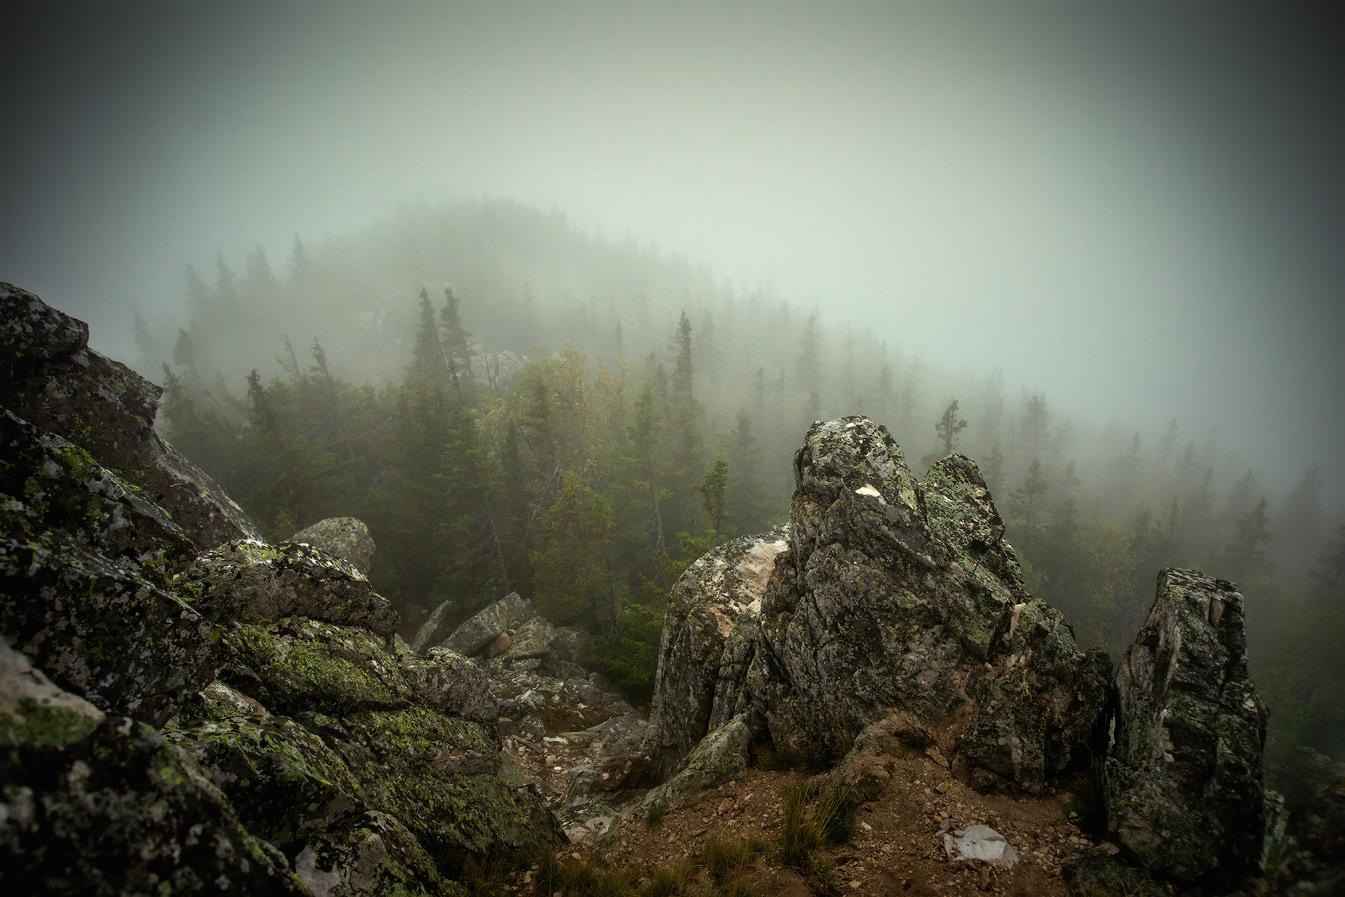 http://club.foto.ru/gallery/images/photo/2014/09/08/2319364.jpg